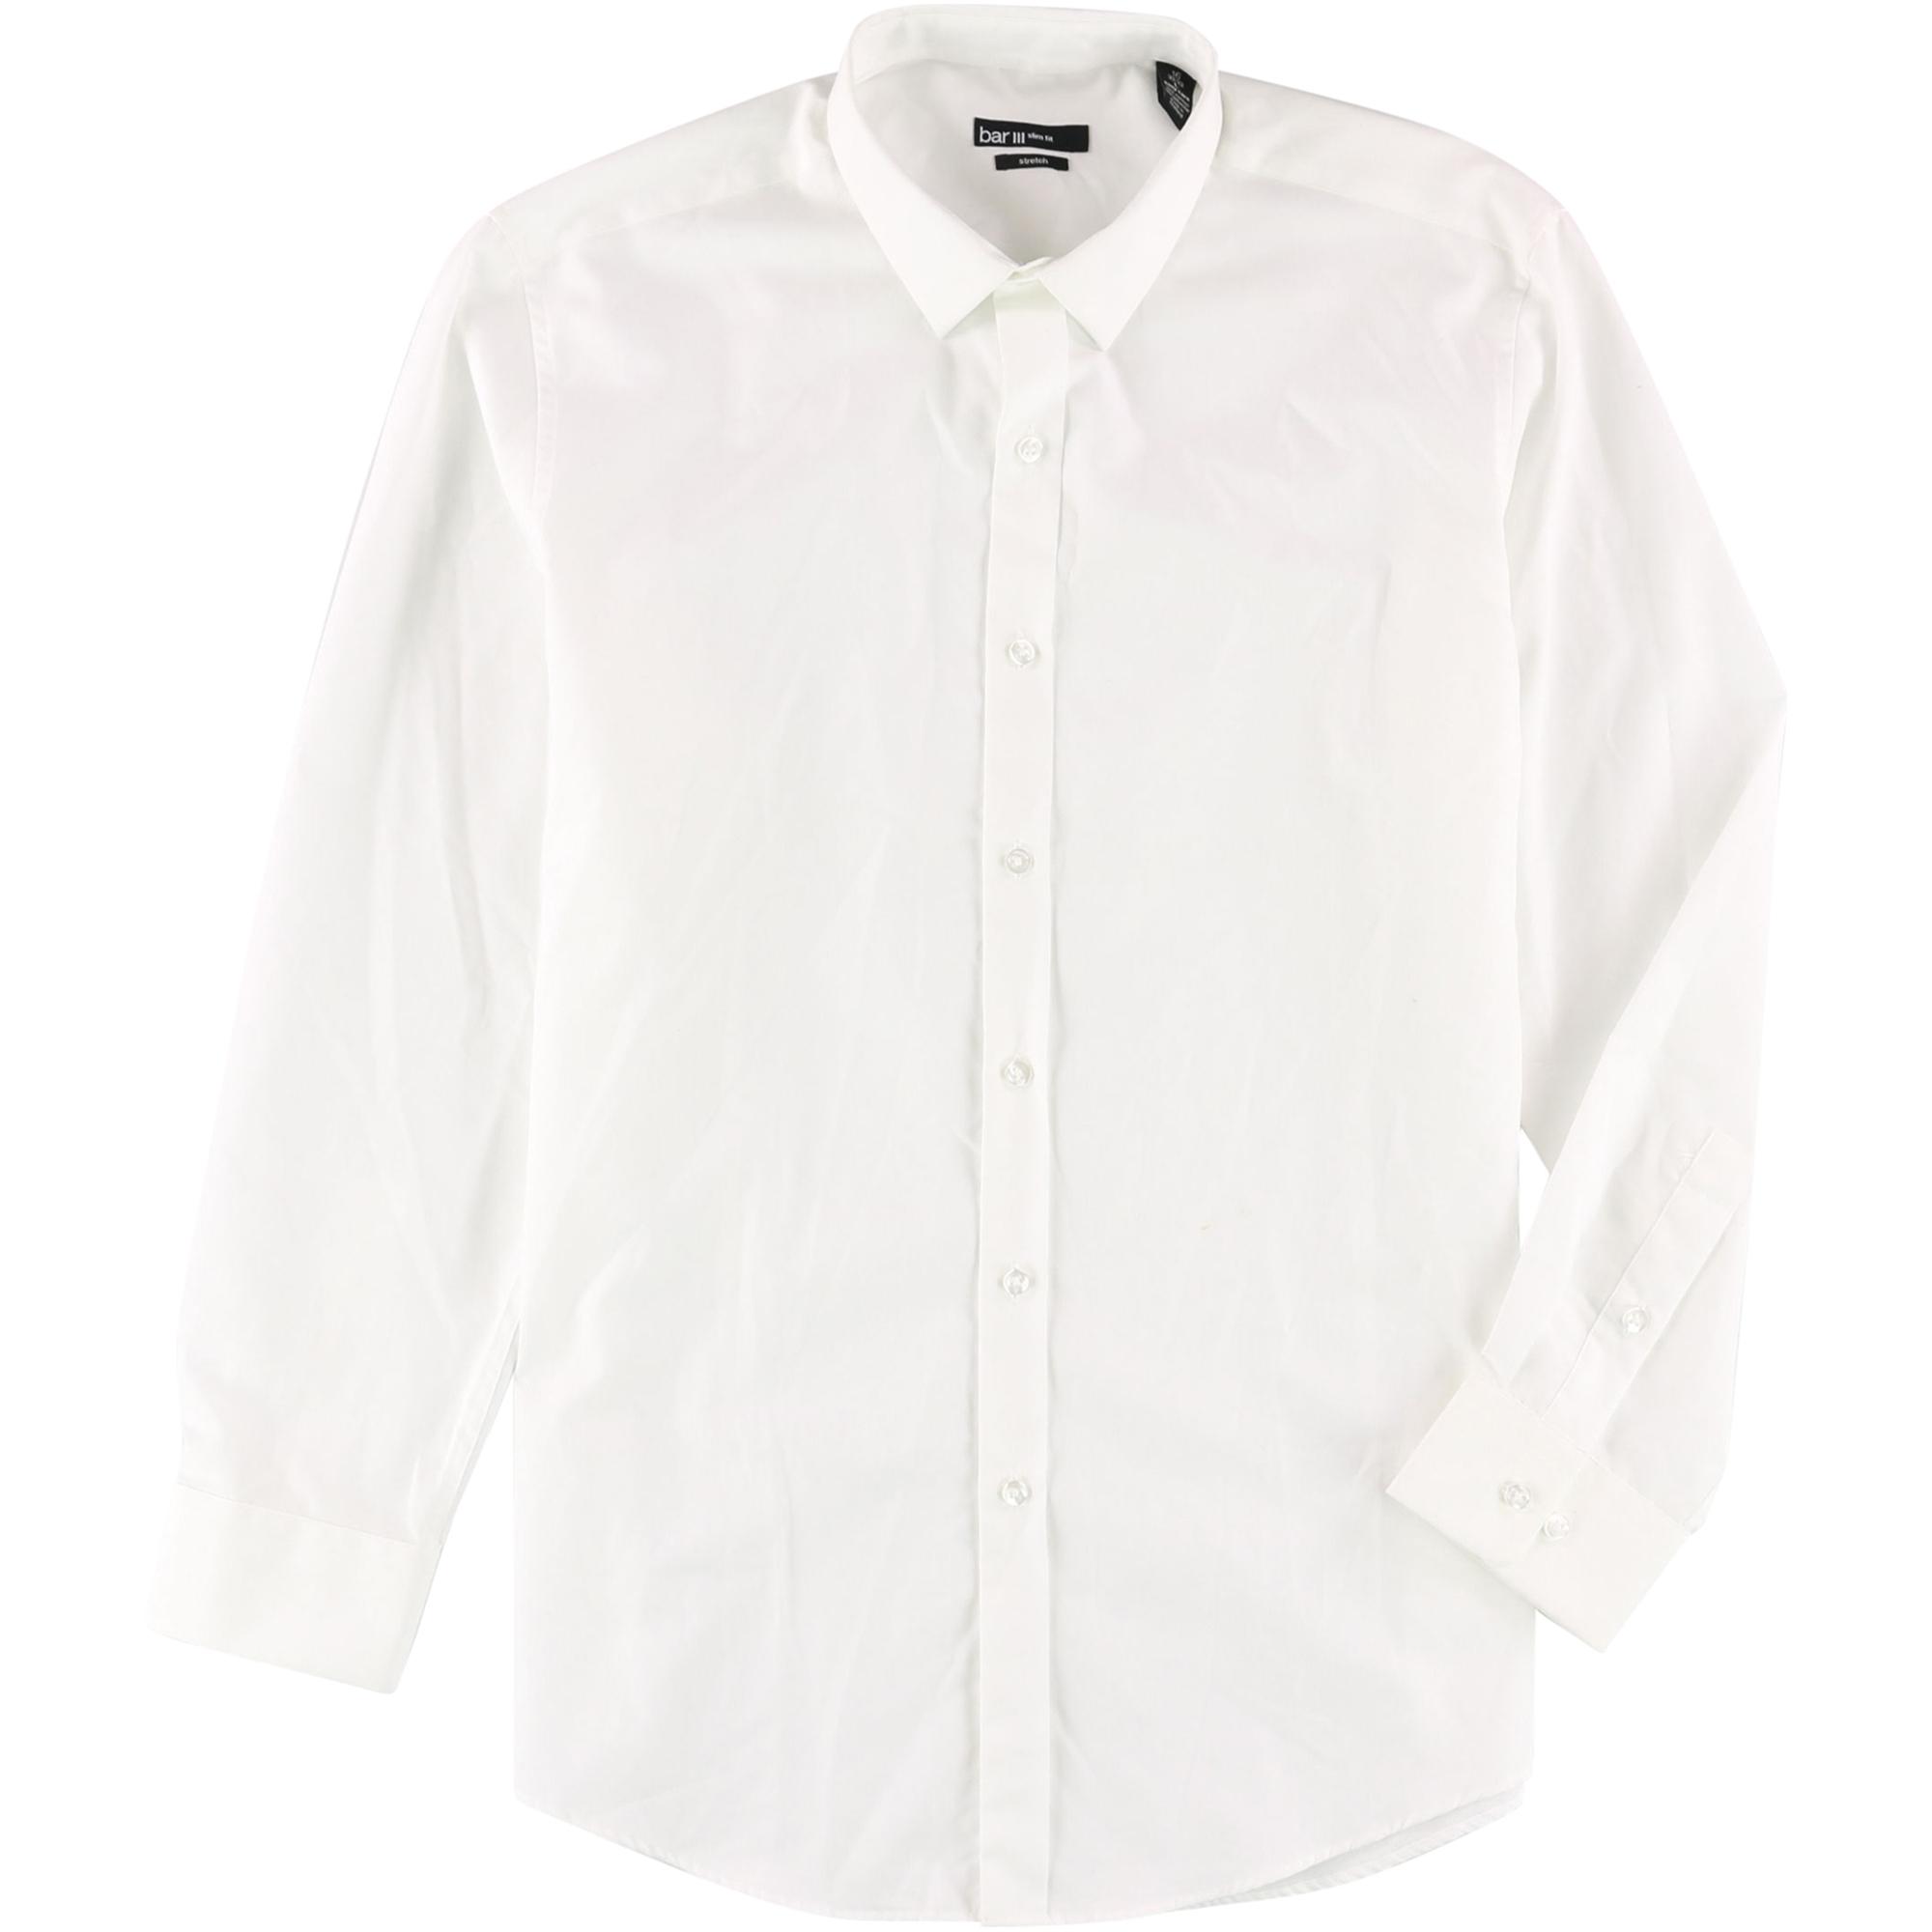 $96 BAR III Men SLIM-FIT WHITE BLUE LONG-SLEEVE BUTTON DRESS SHIRT 16-16.5 34//35